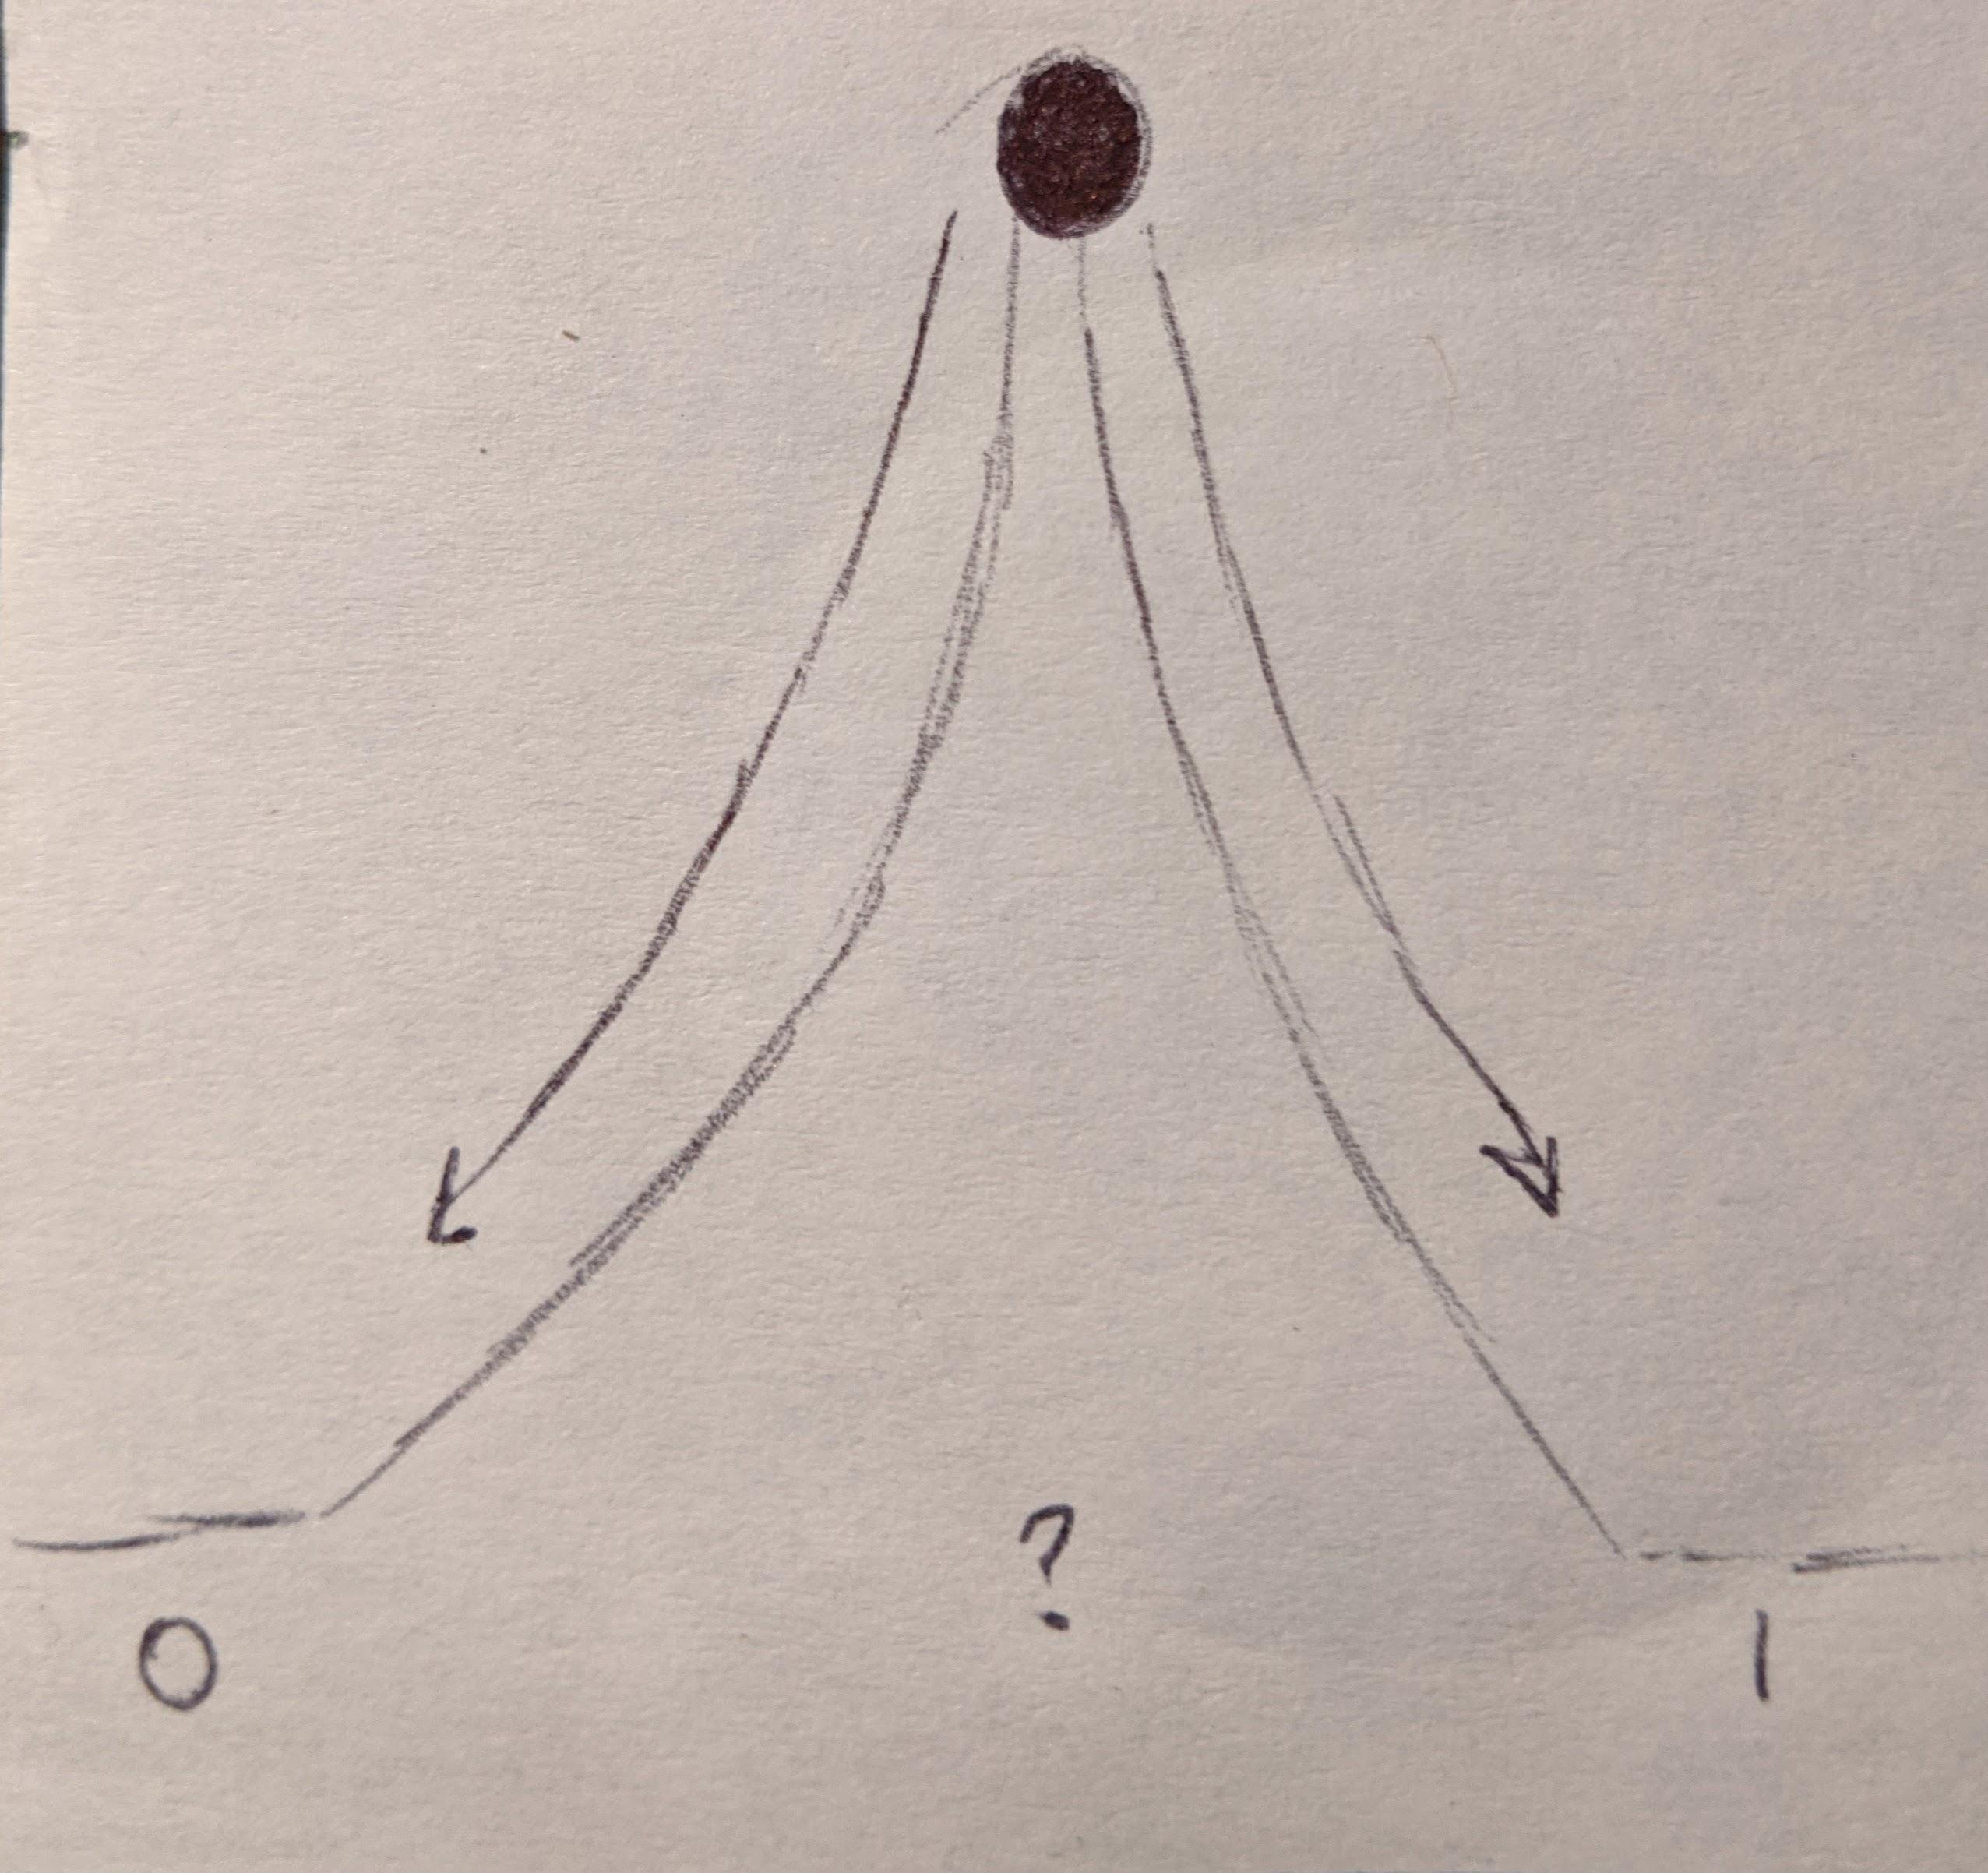 Metastability figure